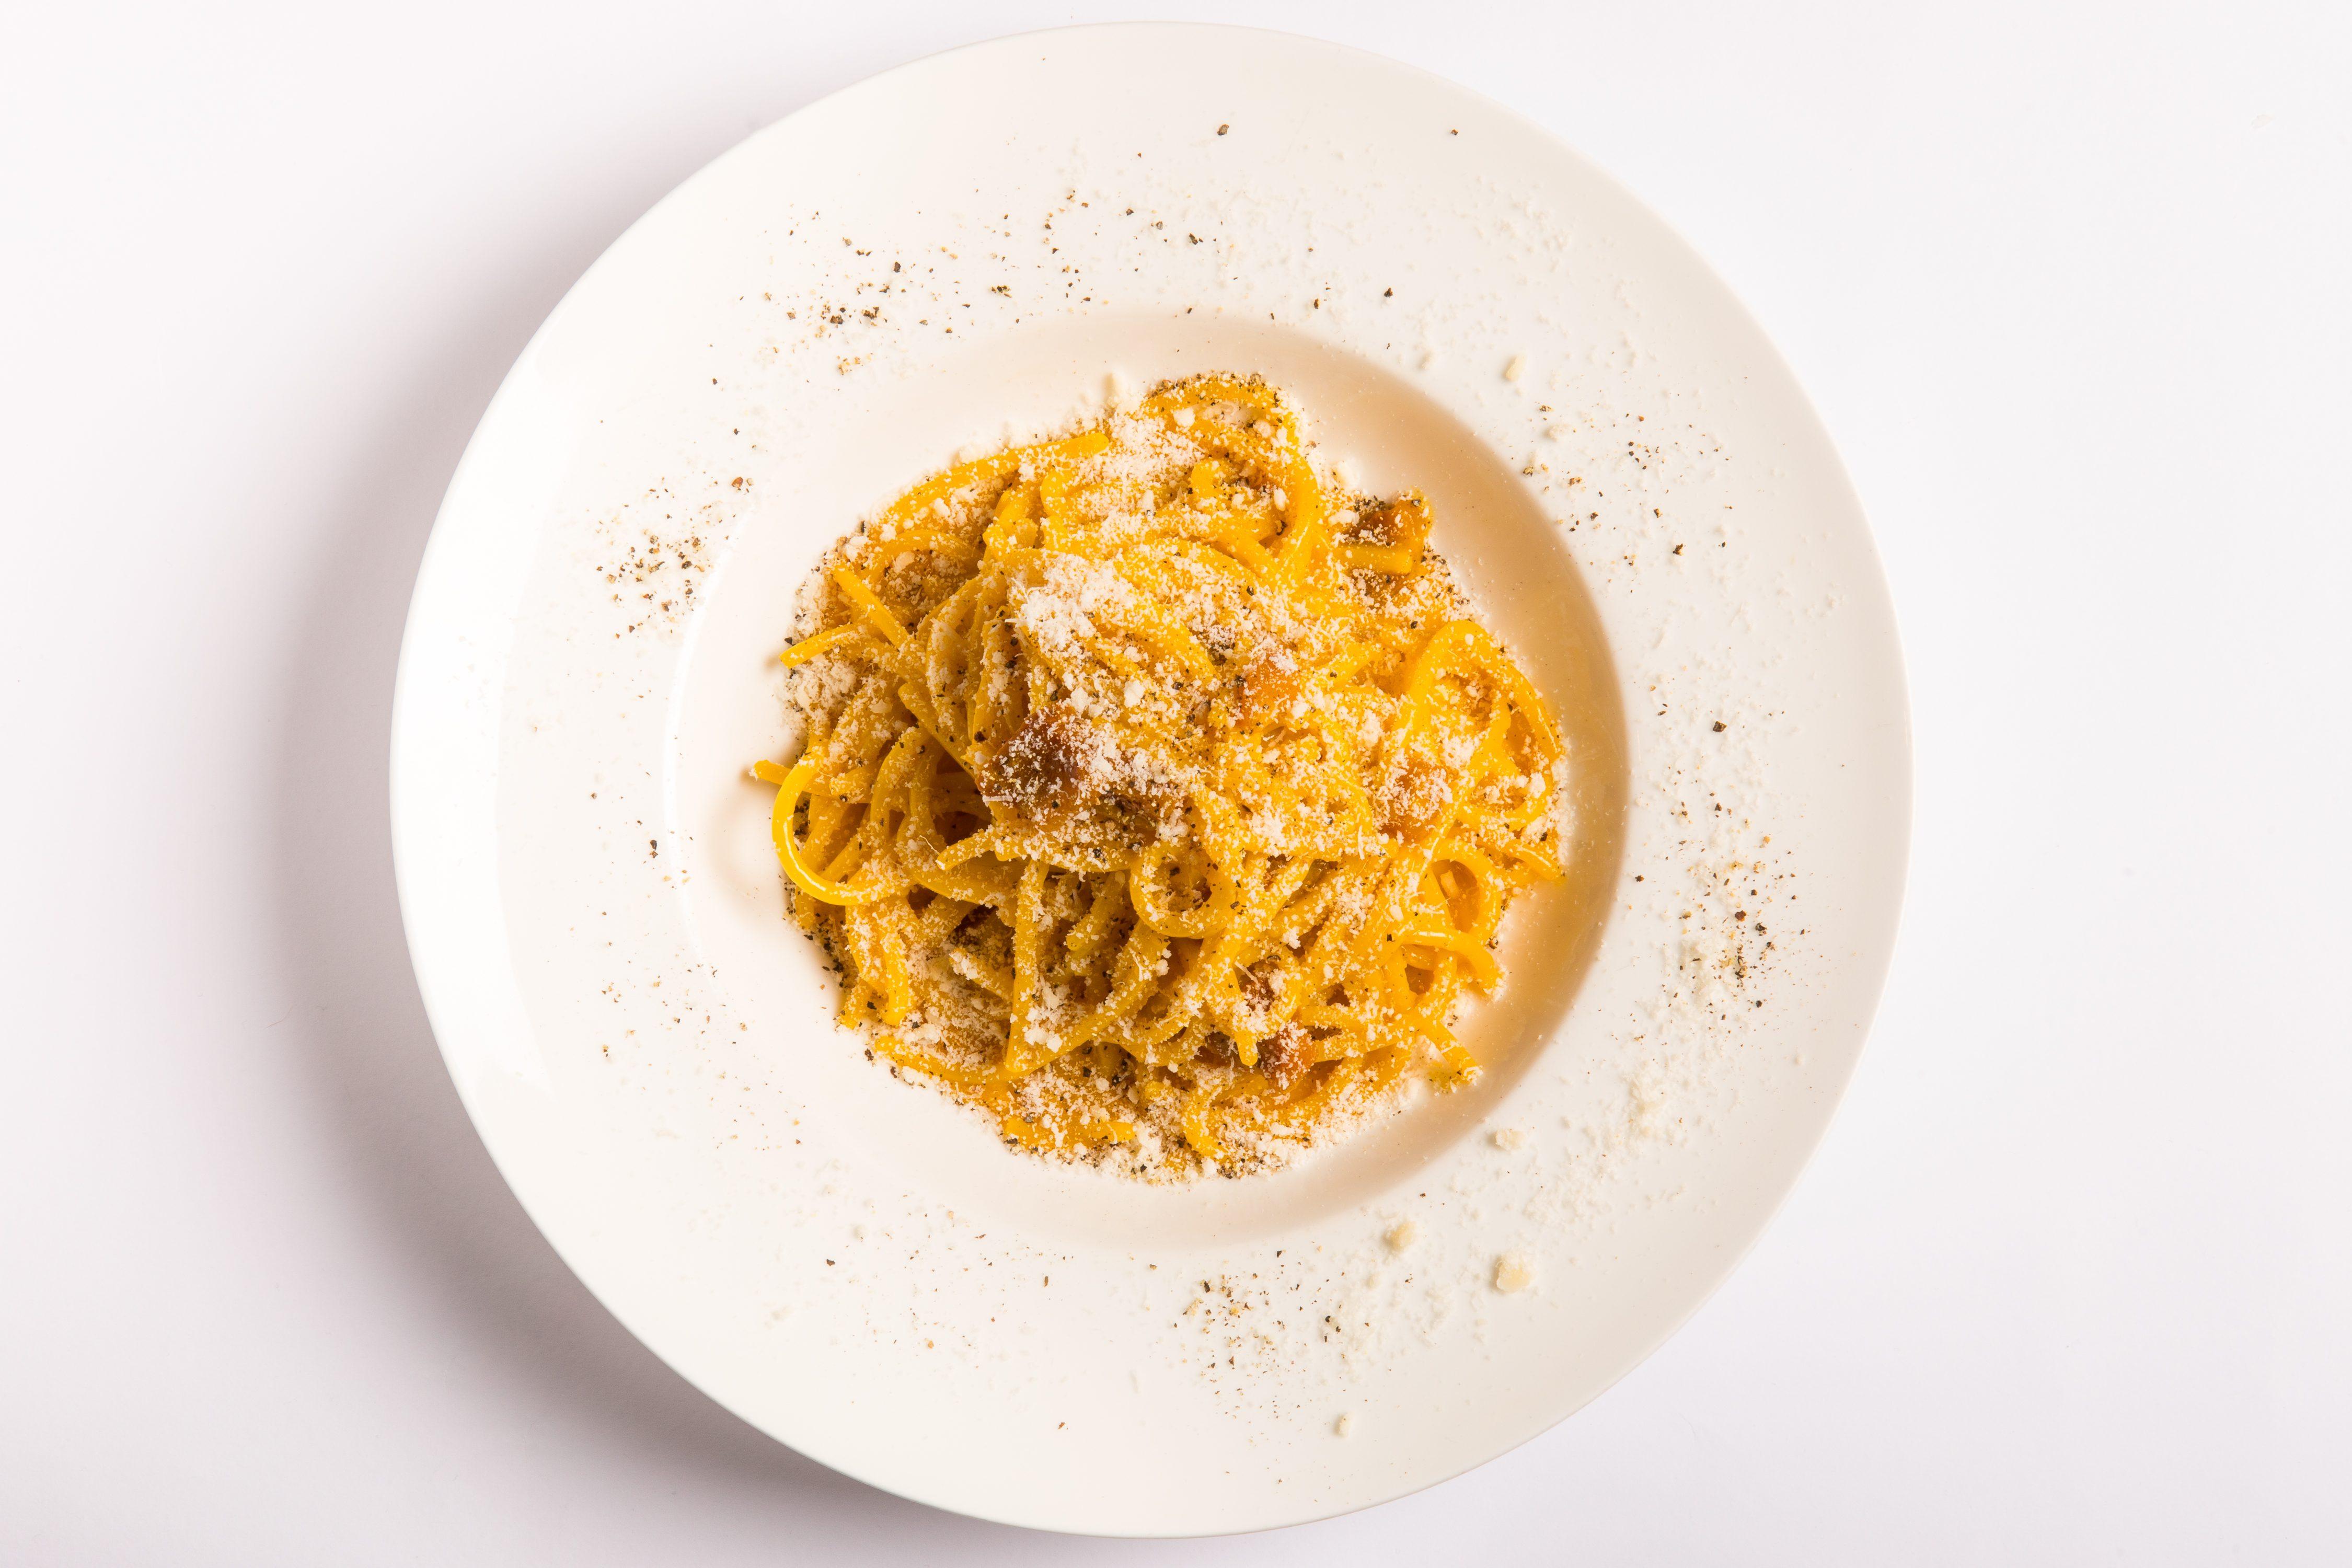 Rubrica restart: Roscioli